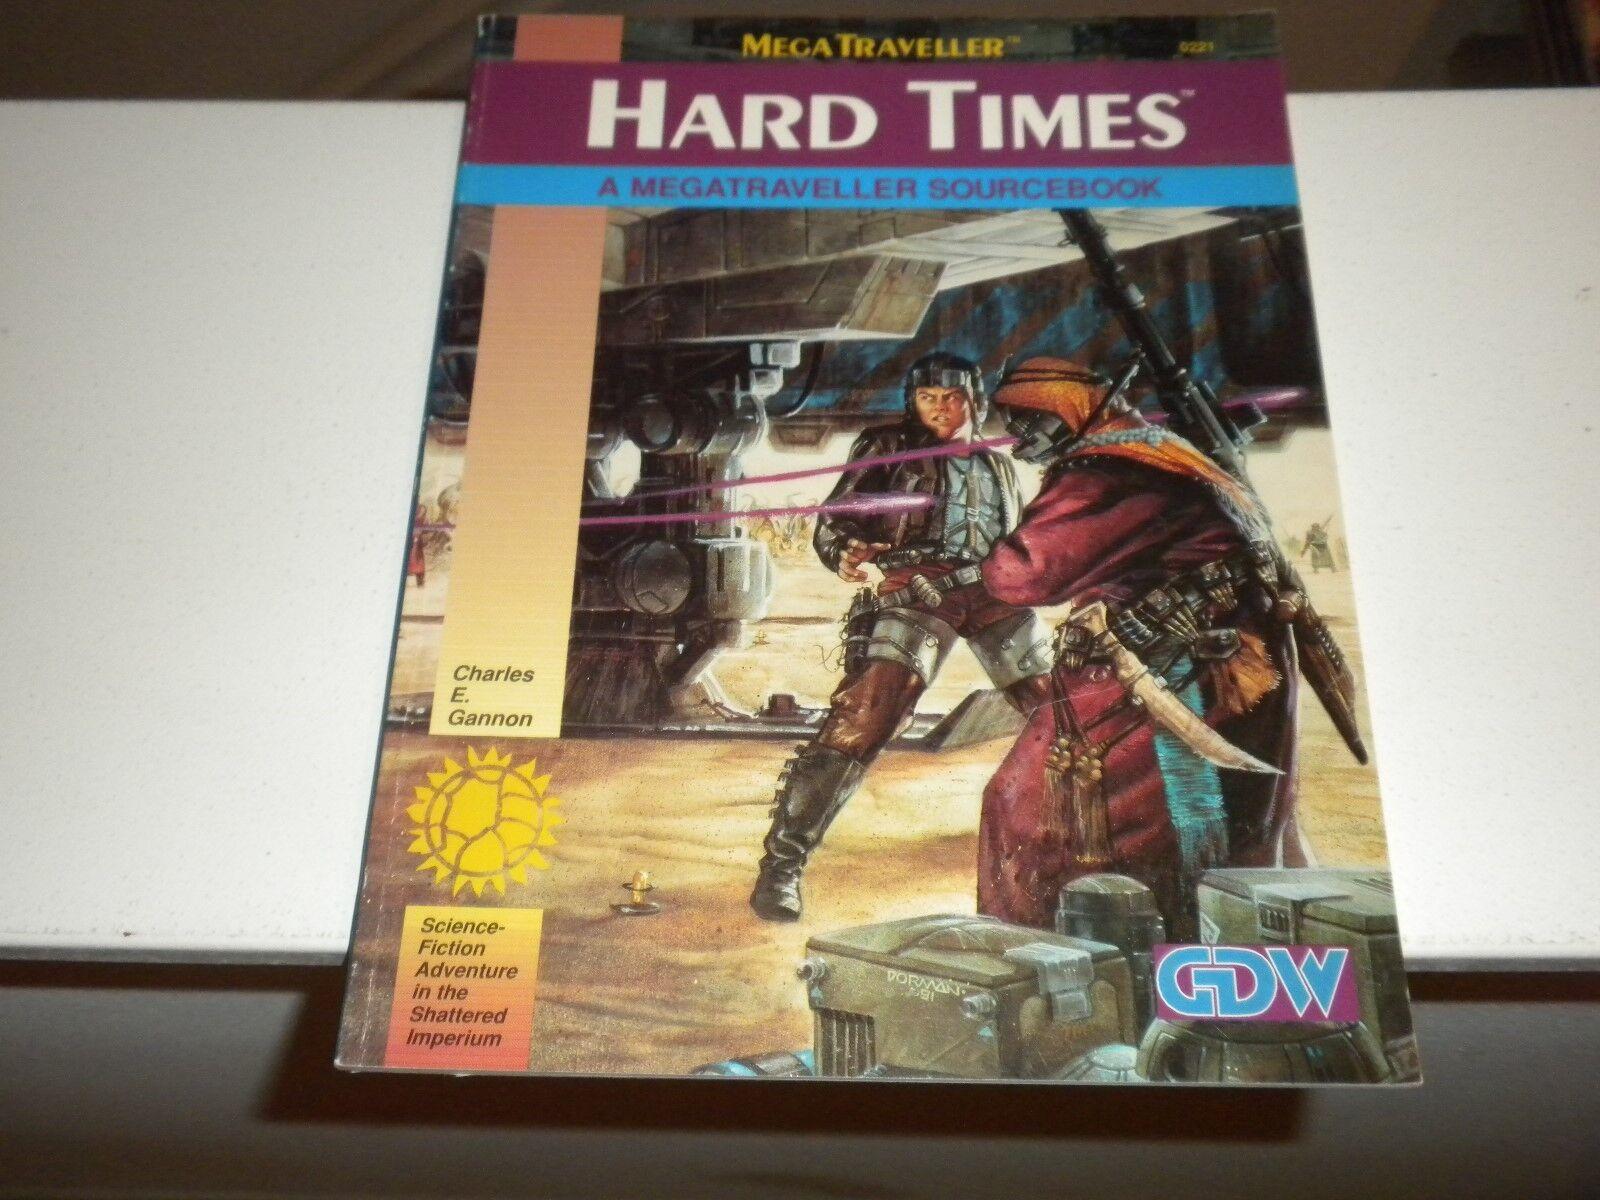 1991 MEGATRAVELLER Hard Times A Megatraveller Sourcebook